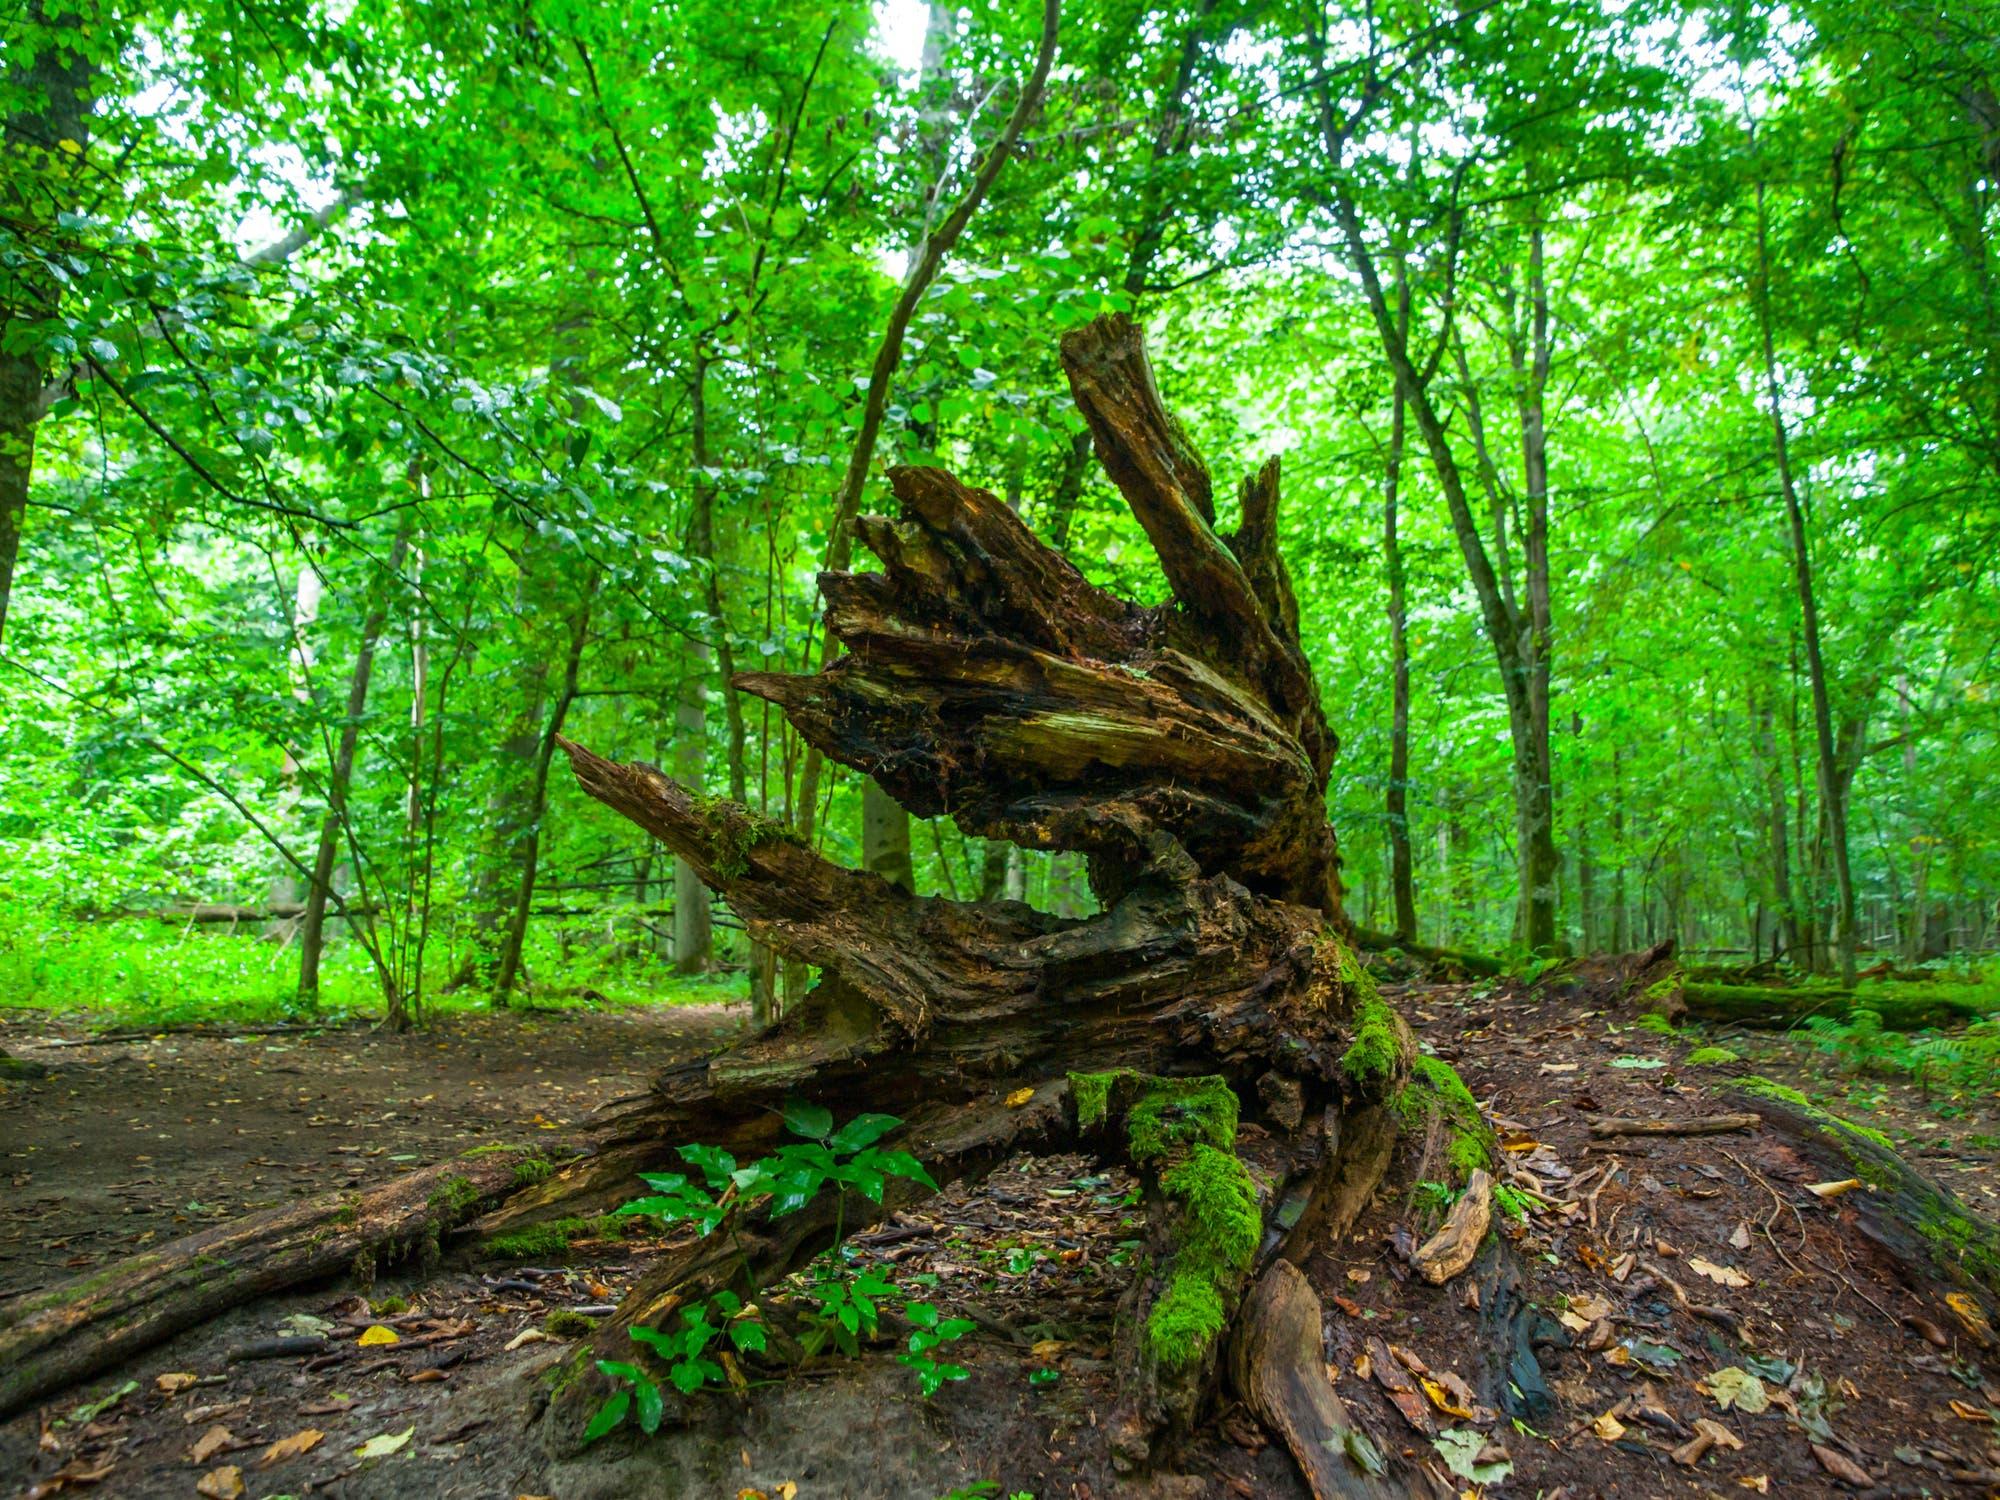 Urwald im polnischen Bialowieza